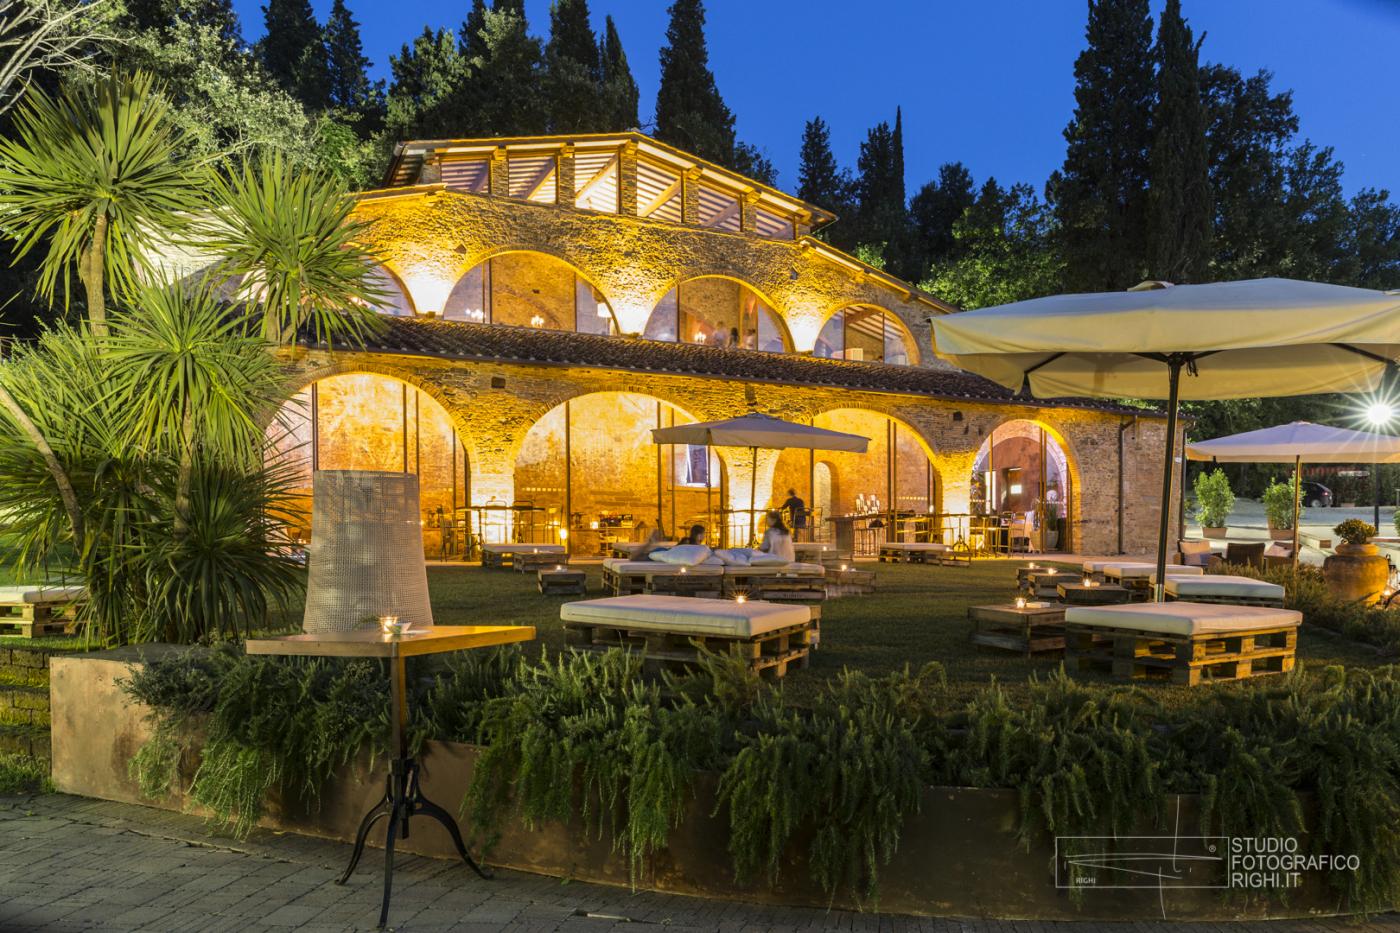 Location la fornace montelupo for Piani di casa con spazio di vita all aperto